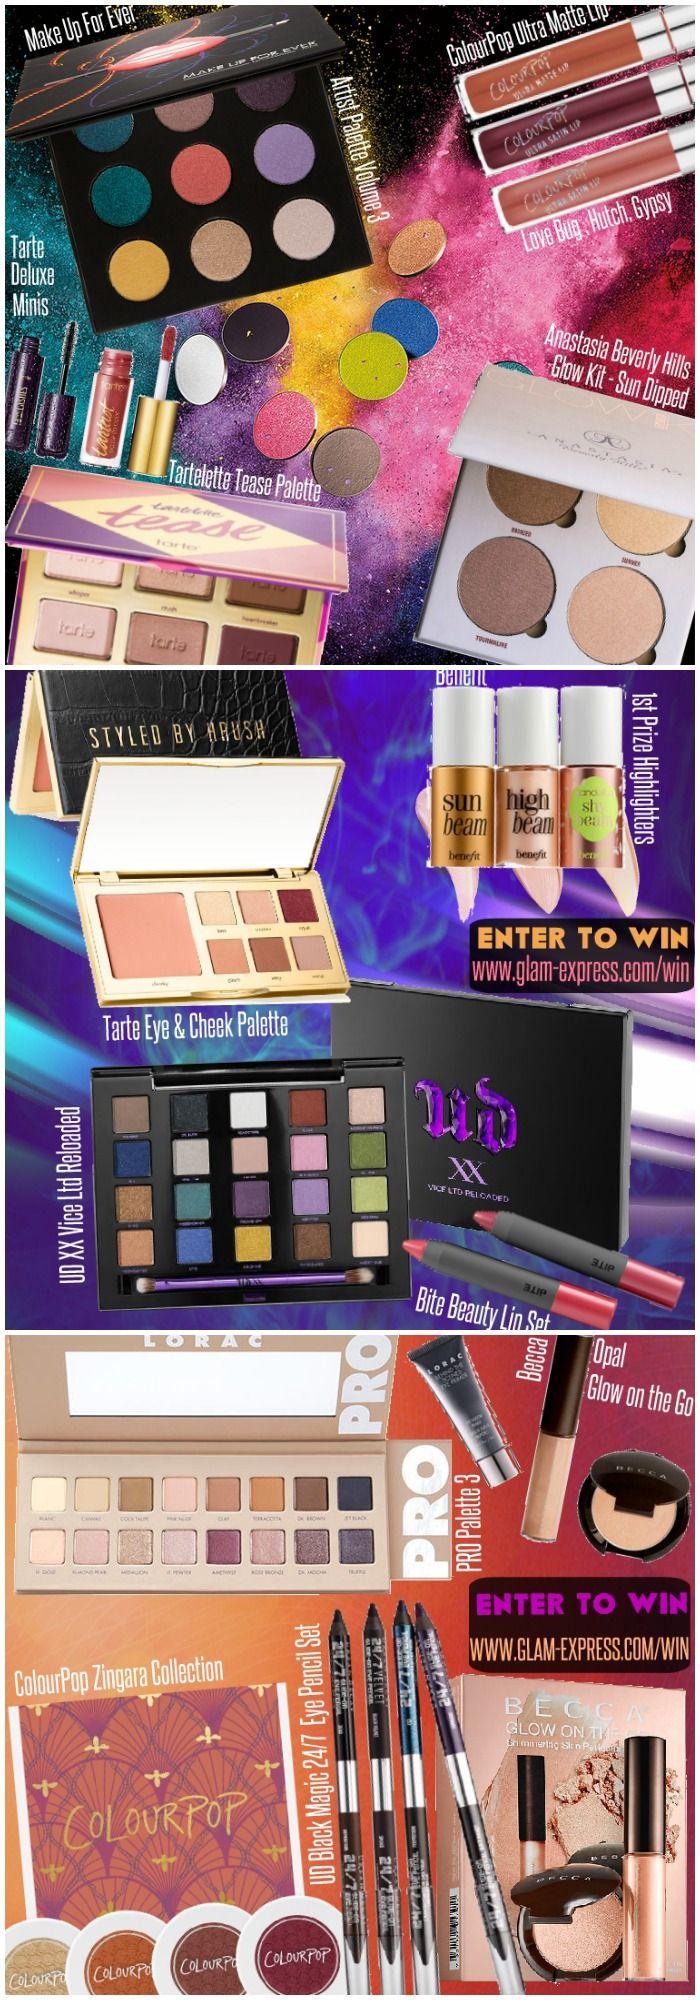 #2016 #halloween #makeup #contest  LAST CALL*******   #halloween2016 #cosmetics #instawin #makeupgoodies #beauty #makeupcontest #makeupgiveaway #ud #tarte #abh #colourpop #becca #mufe #makeupforever #musthaves #glow #eyeshadow #palette #liquidlipstick #benefit #eyeliner